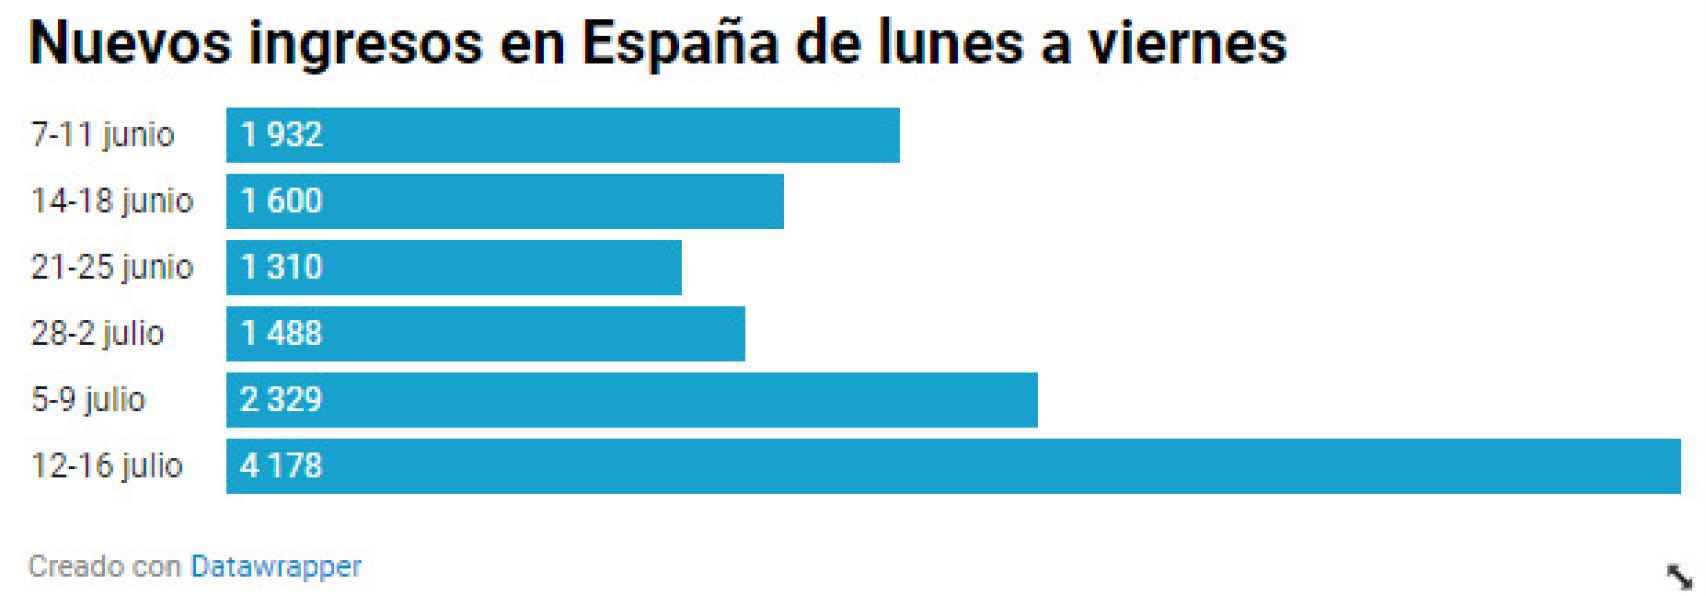 Nuevos ingresos semanales en España.